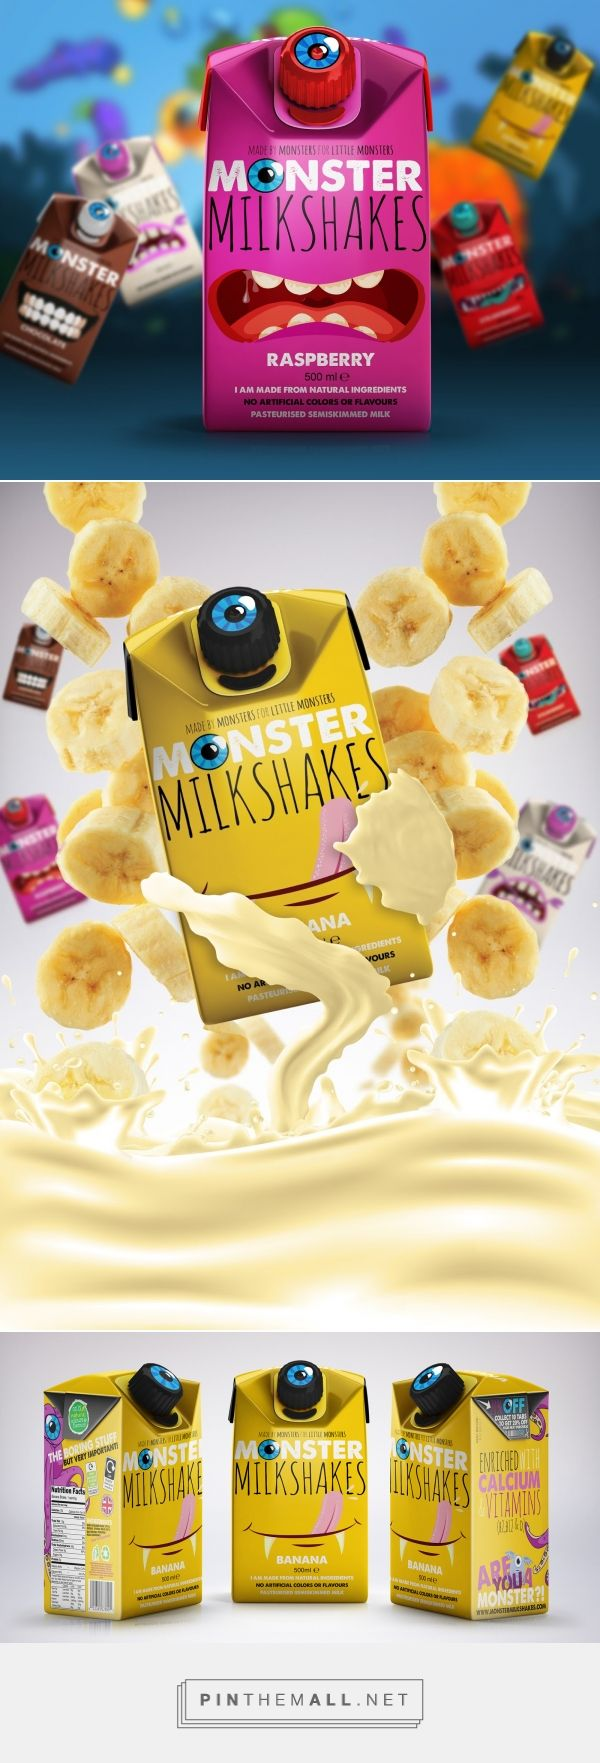 #Monster #Milkshakes #packaging #design by Epiphany Media Agency - http://www.packagingoftheworld.com/2017/08/monster-milkshakes.html